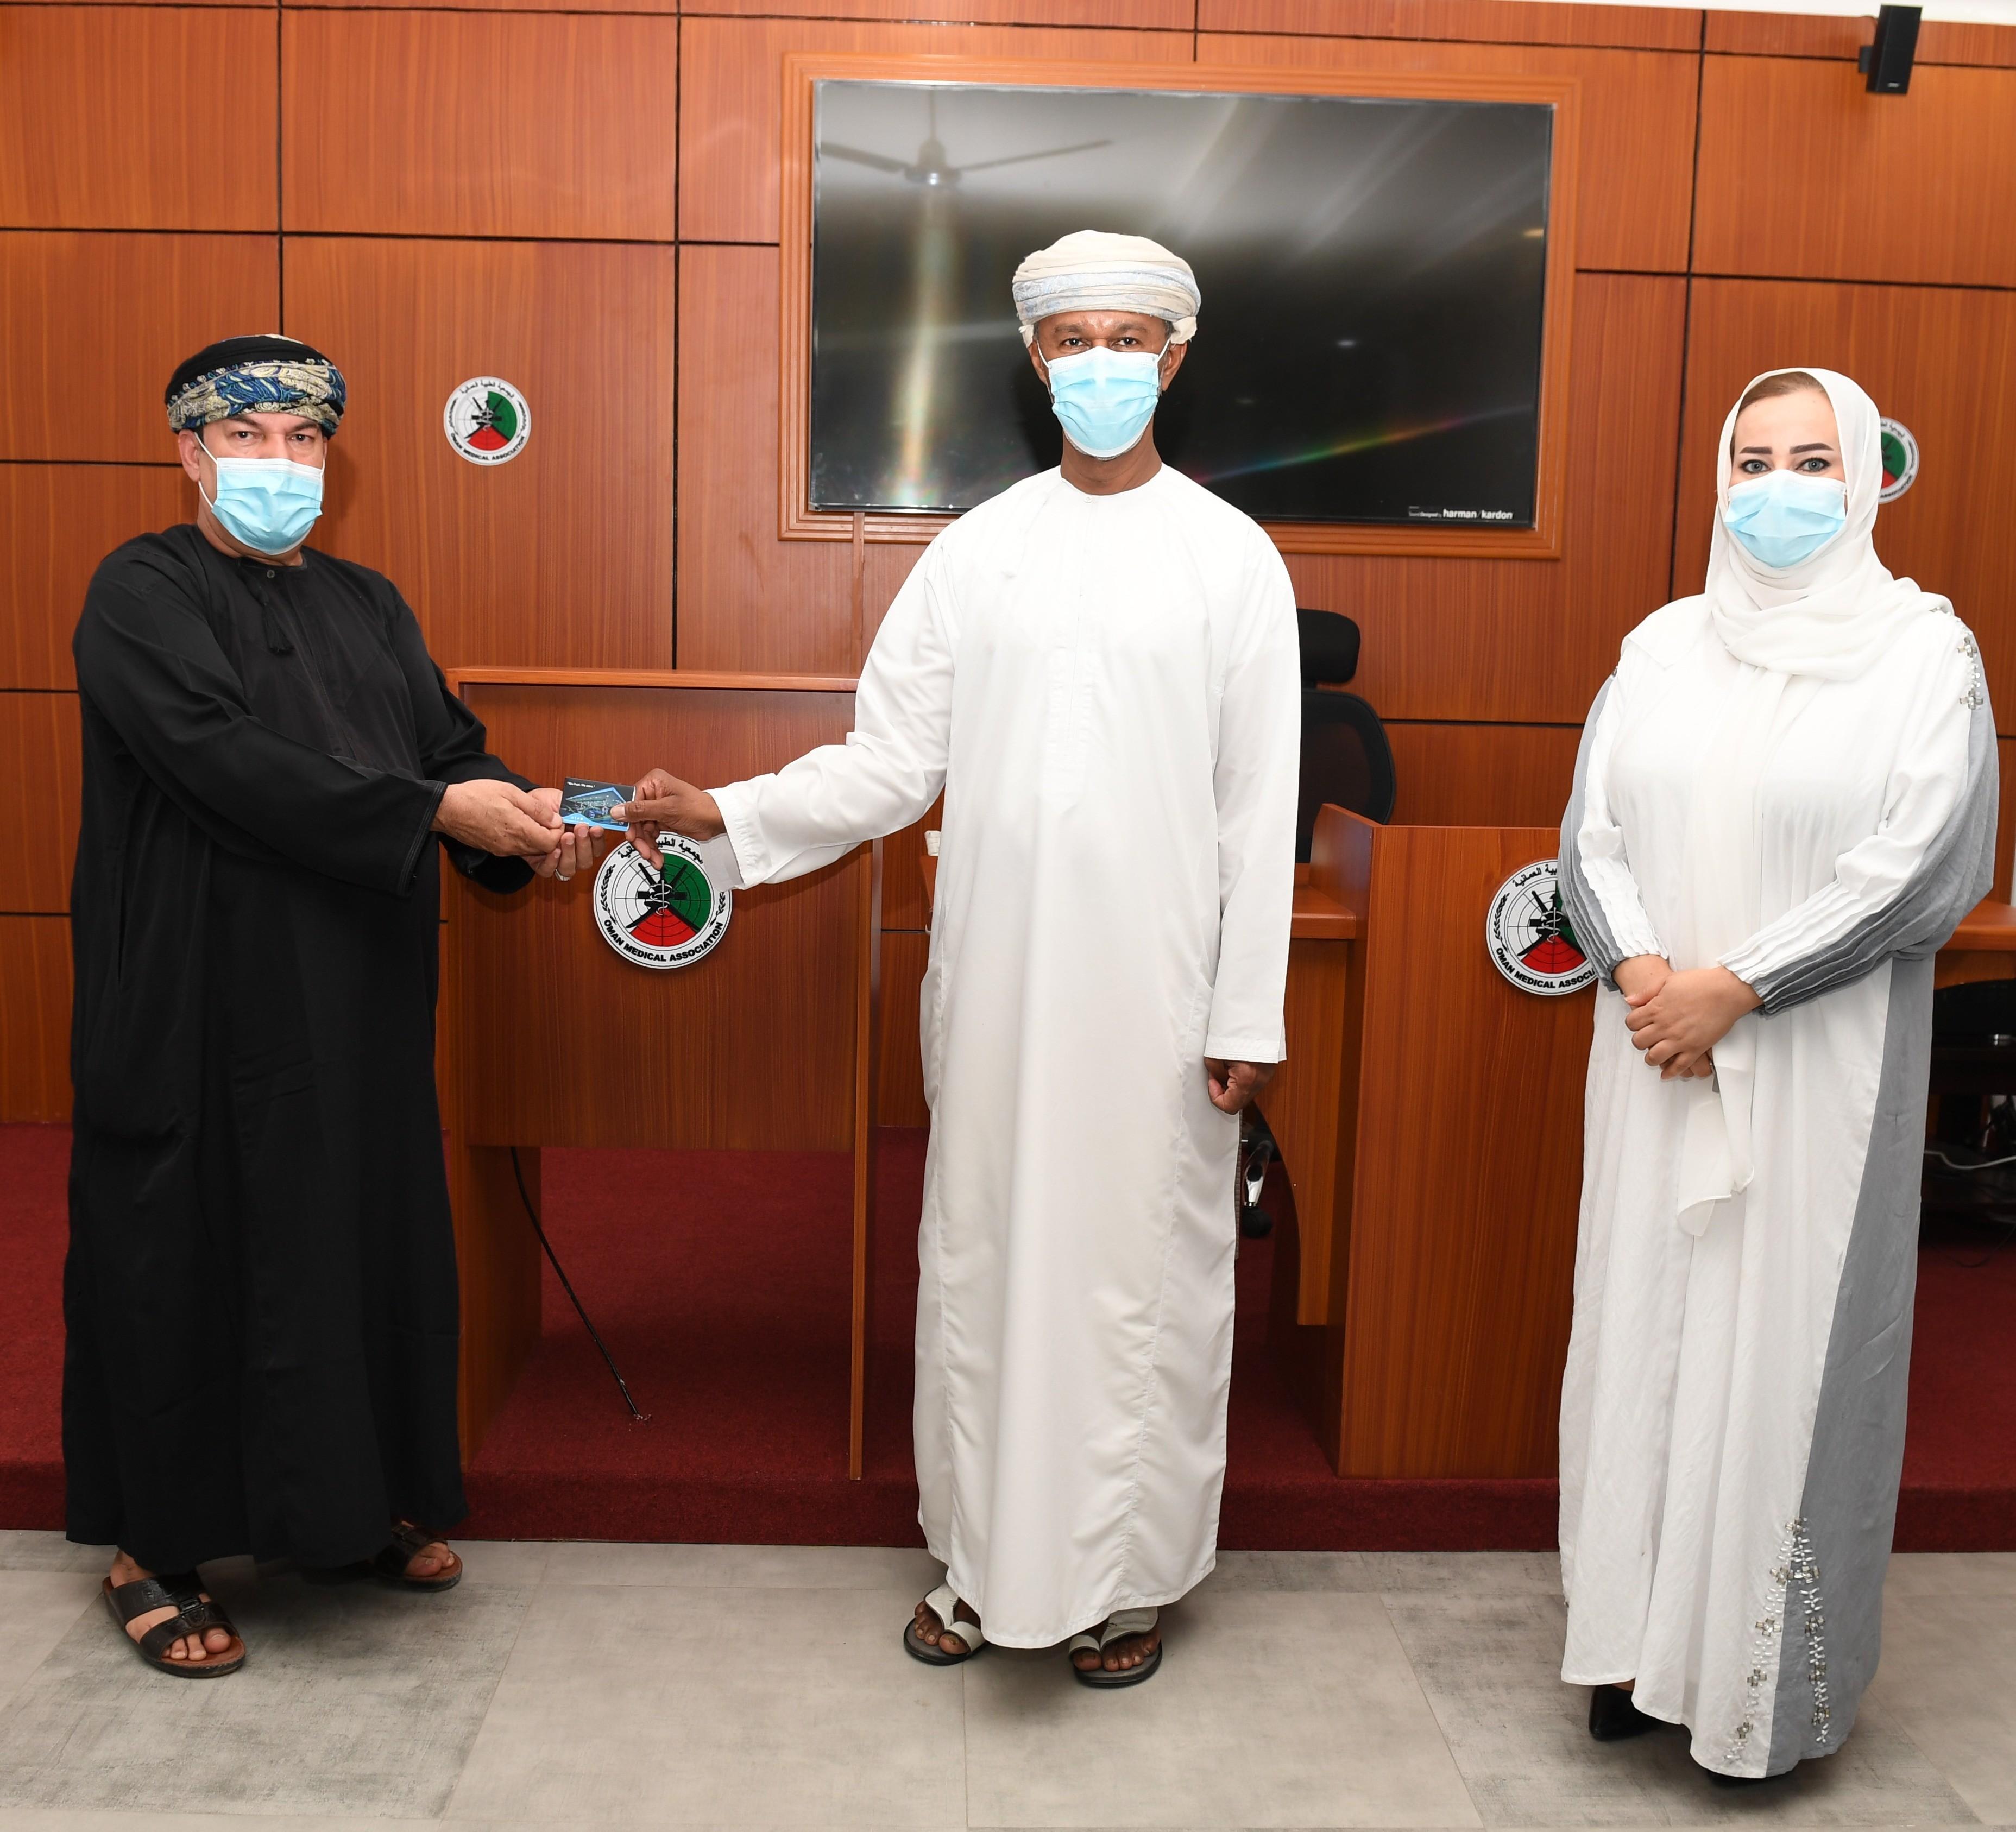 شركة النفط العُمانية للتسويق تتبرع بقسائم وقود إلى متطوعي الأطقم الطبية المشاركين في مواجهة جائحة فيروس كوفيد - 19